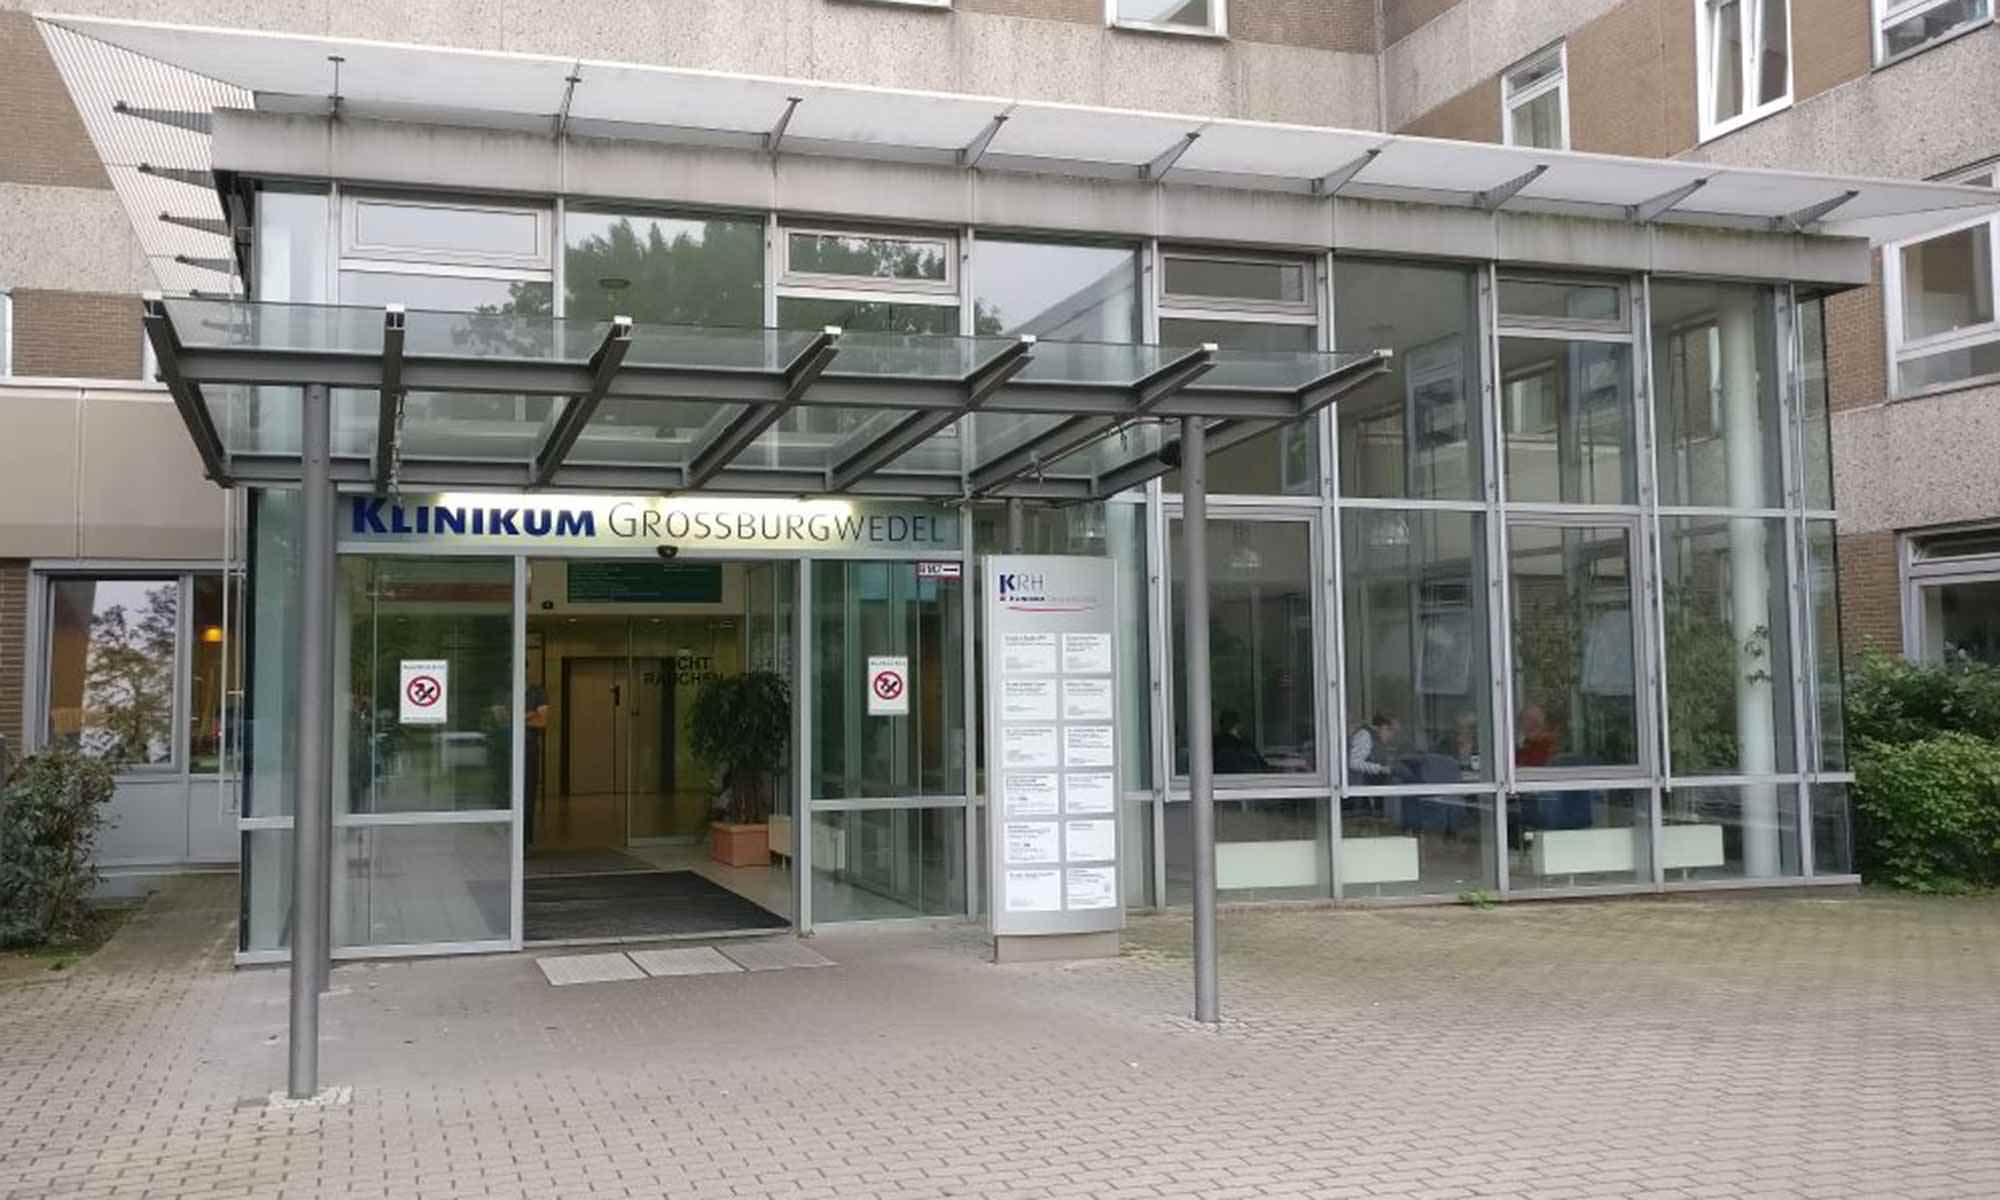 Mein Geburtsbericht – Klinikum Großburgwedel, 26.9.2017